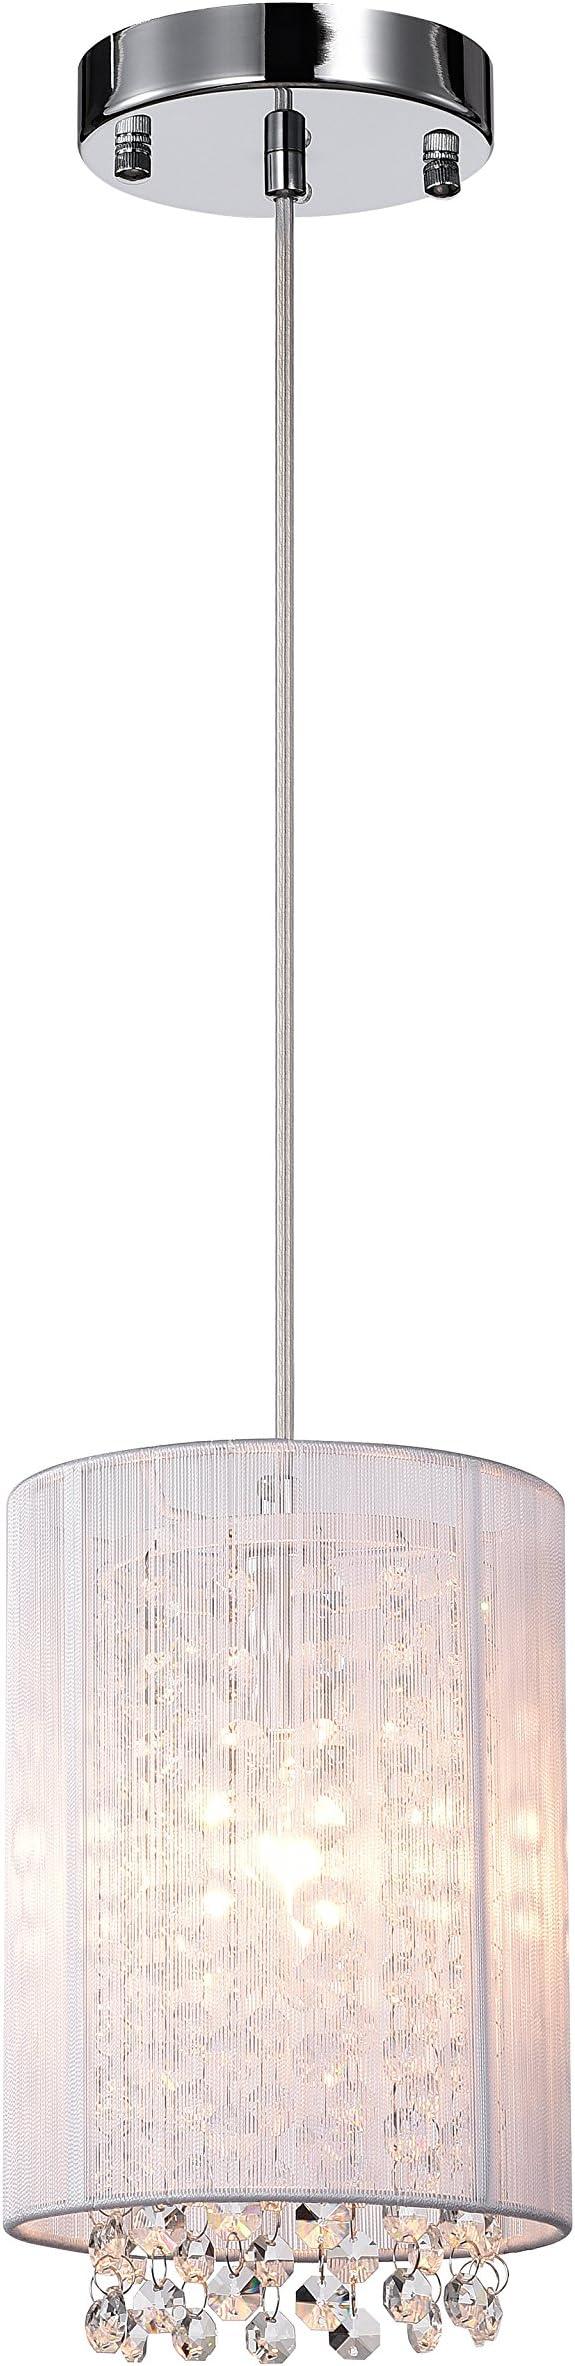 Lalula Crystal Pendant Lighting 1-light Modern Ceiling Lights kitchen island Chandelier  sc 1 st  Amazon.com & Pendant Light Fixtures   Amazon.com   Lighting u0026 Ceiling Fans ... azcodes.com